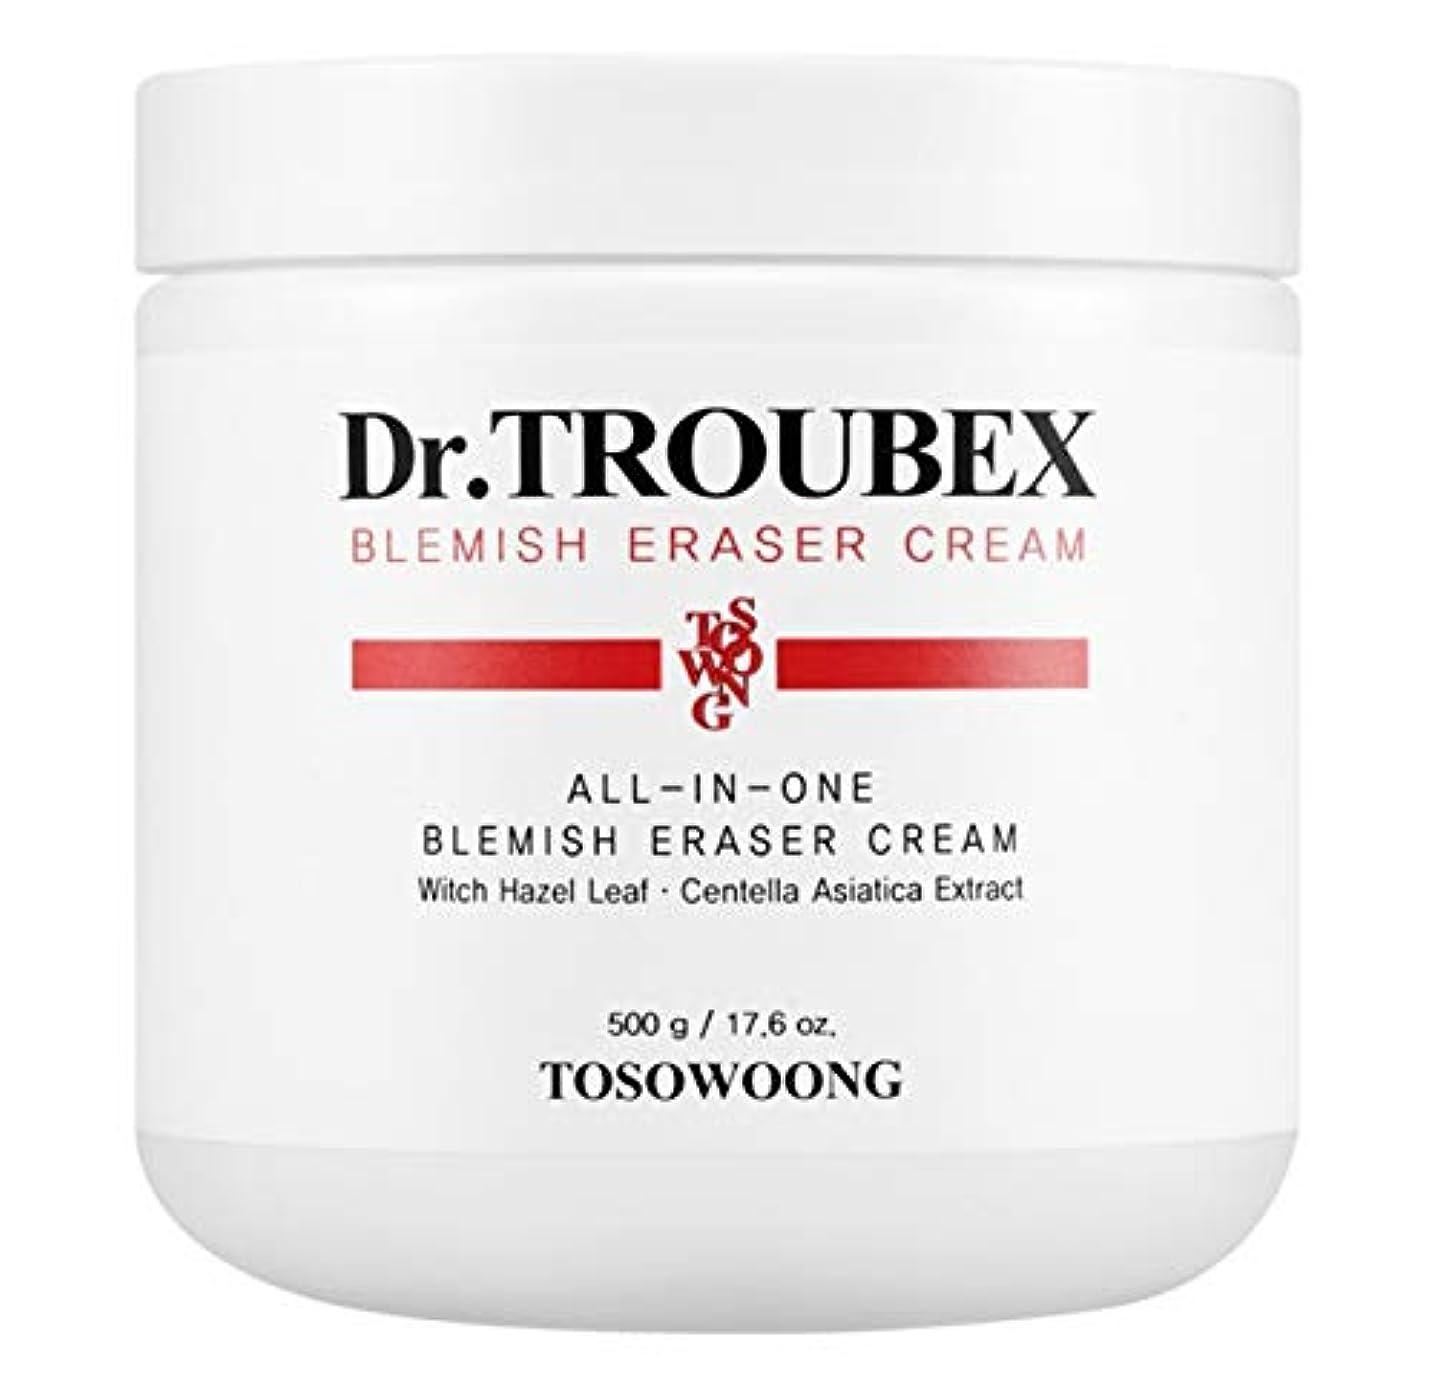 クロールテメリティ取得する[TOSOWOONG] トソウンドクタートラベックスこのレーザークリーム 500g / TOSOWOONG DR.TROUBEX ERASER CREAM 500g [並行輸入品]